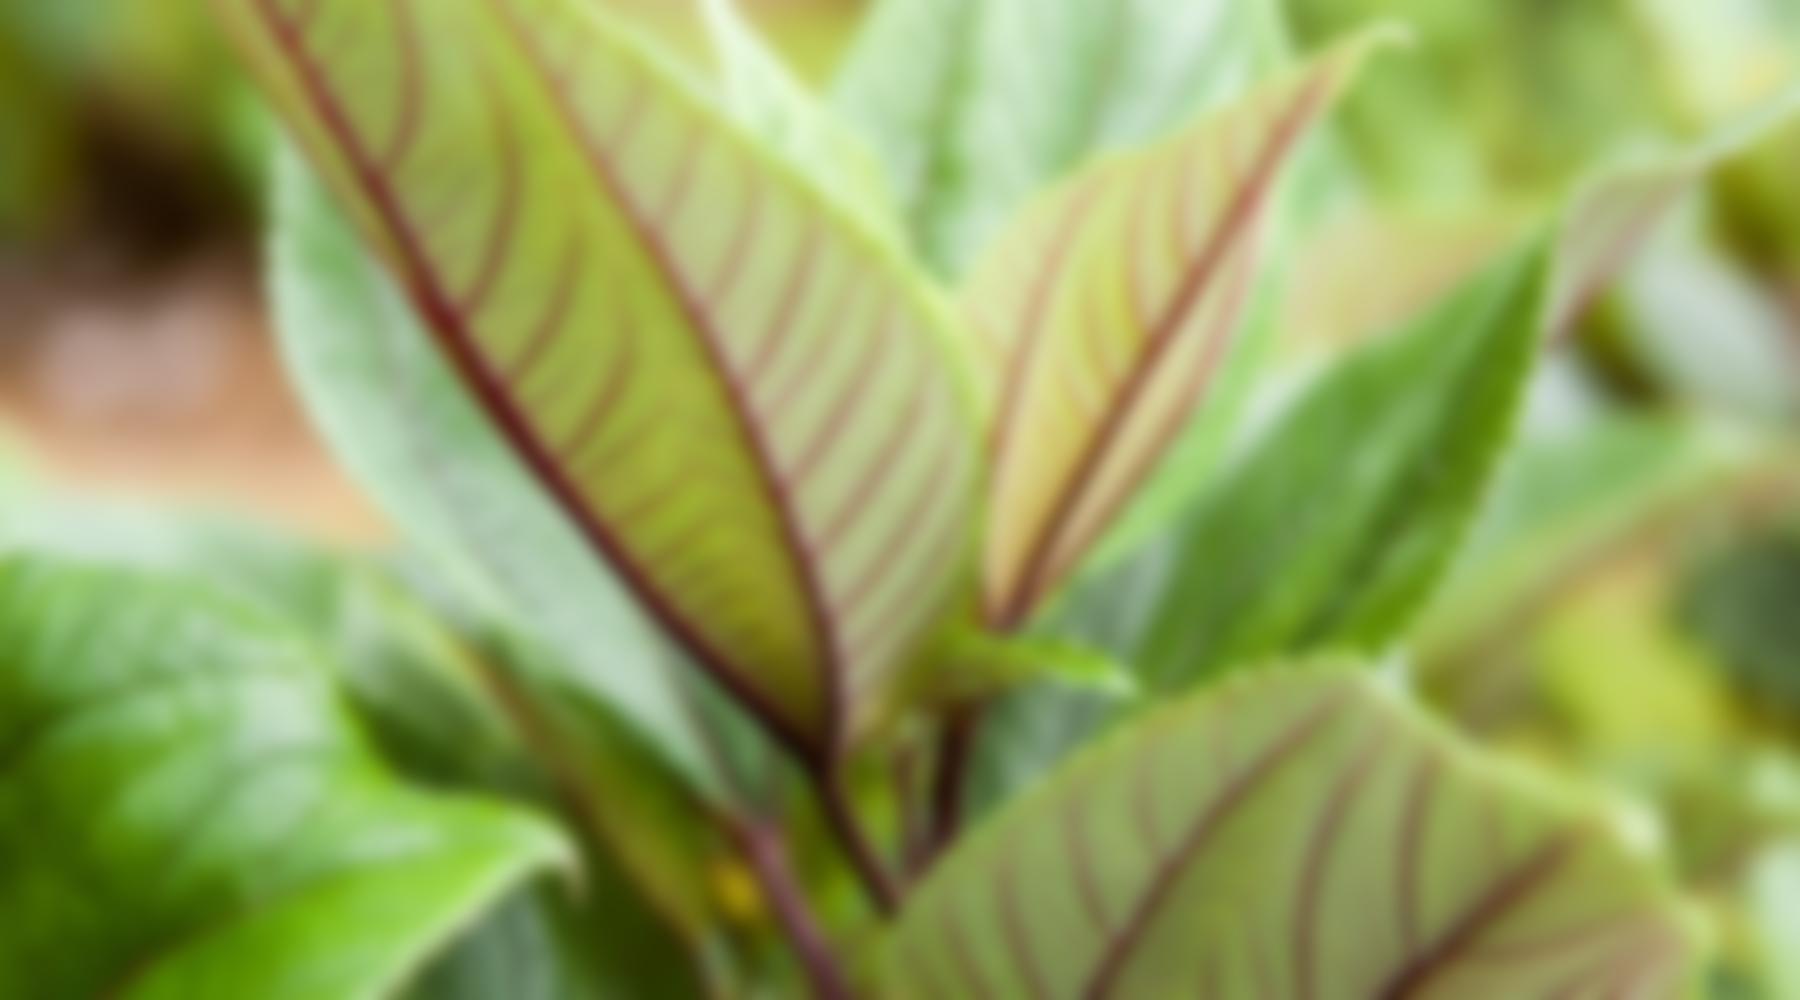 Background-Blur